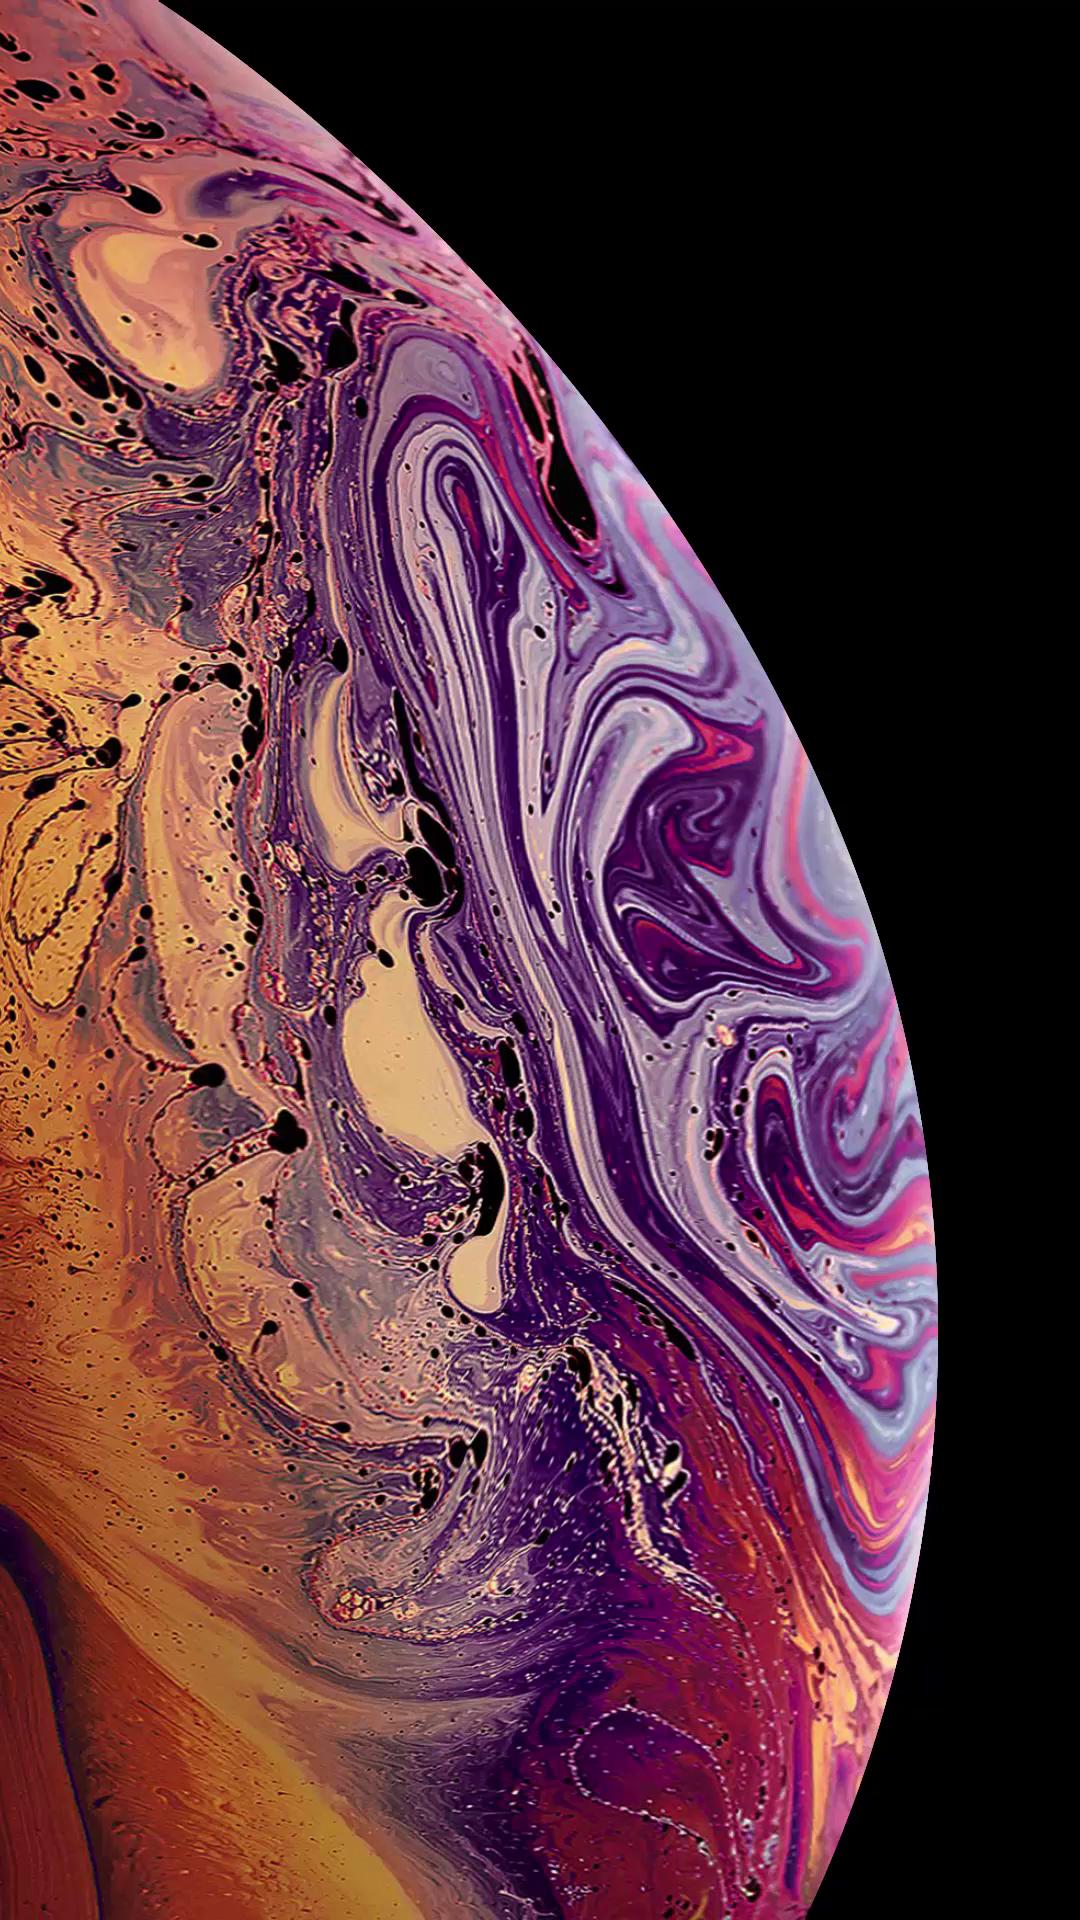 iPhone XS MAX live wallpaper